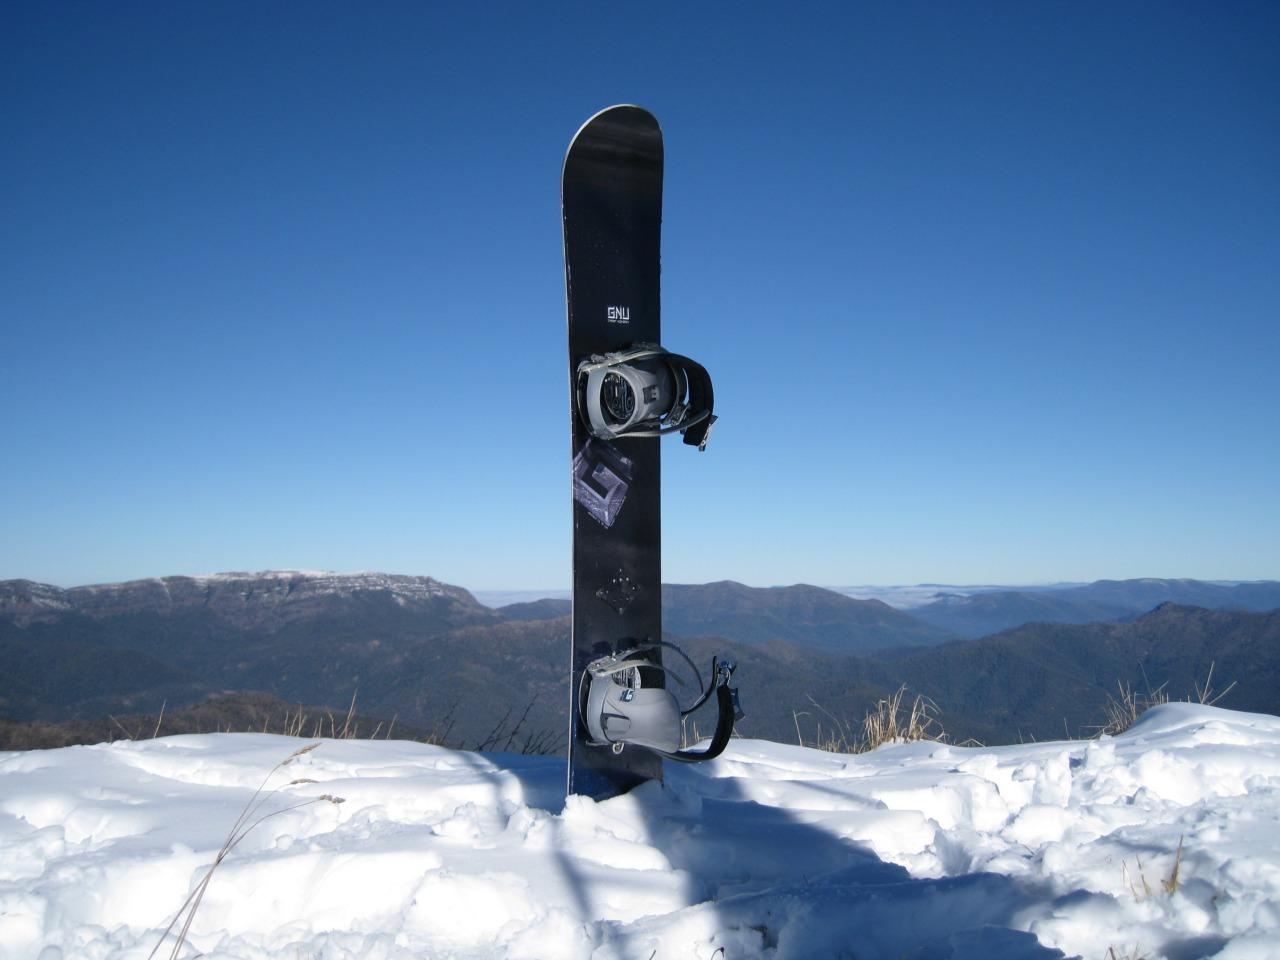 http://4.bp.blogspot.com/-cmRewH1J7IU/TvcX8B-B6EI/AAAAAAAAAxA/AO7nPQHYCn0/s1600/SnowBoard6.jpg